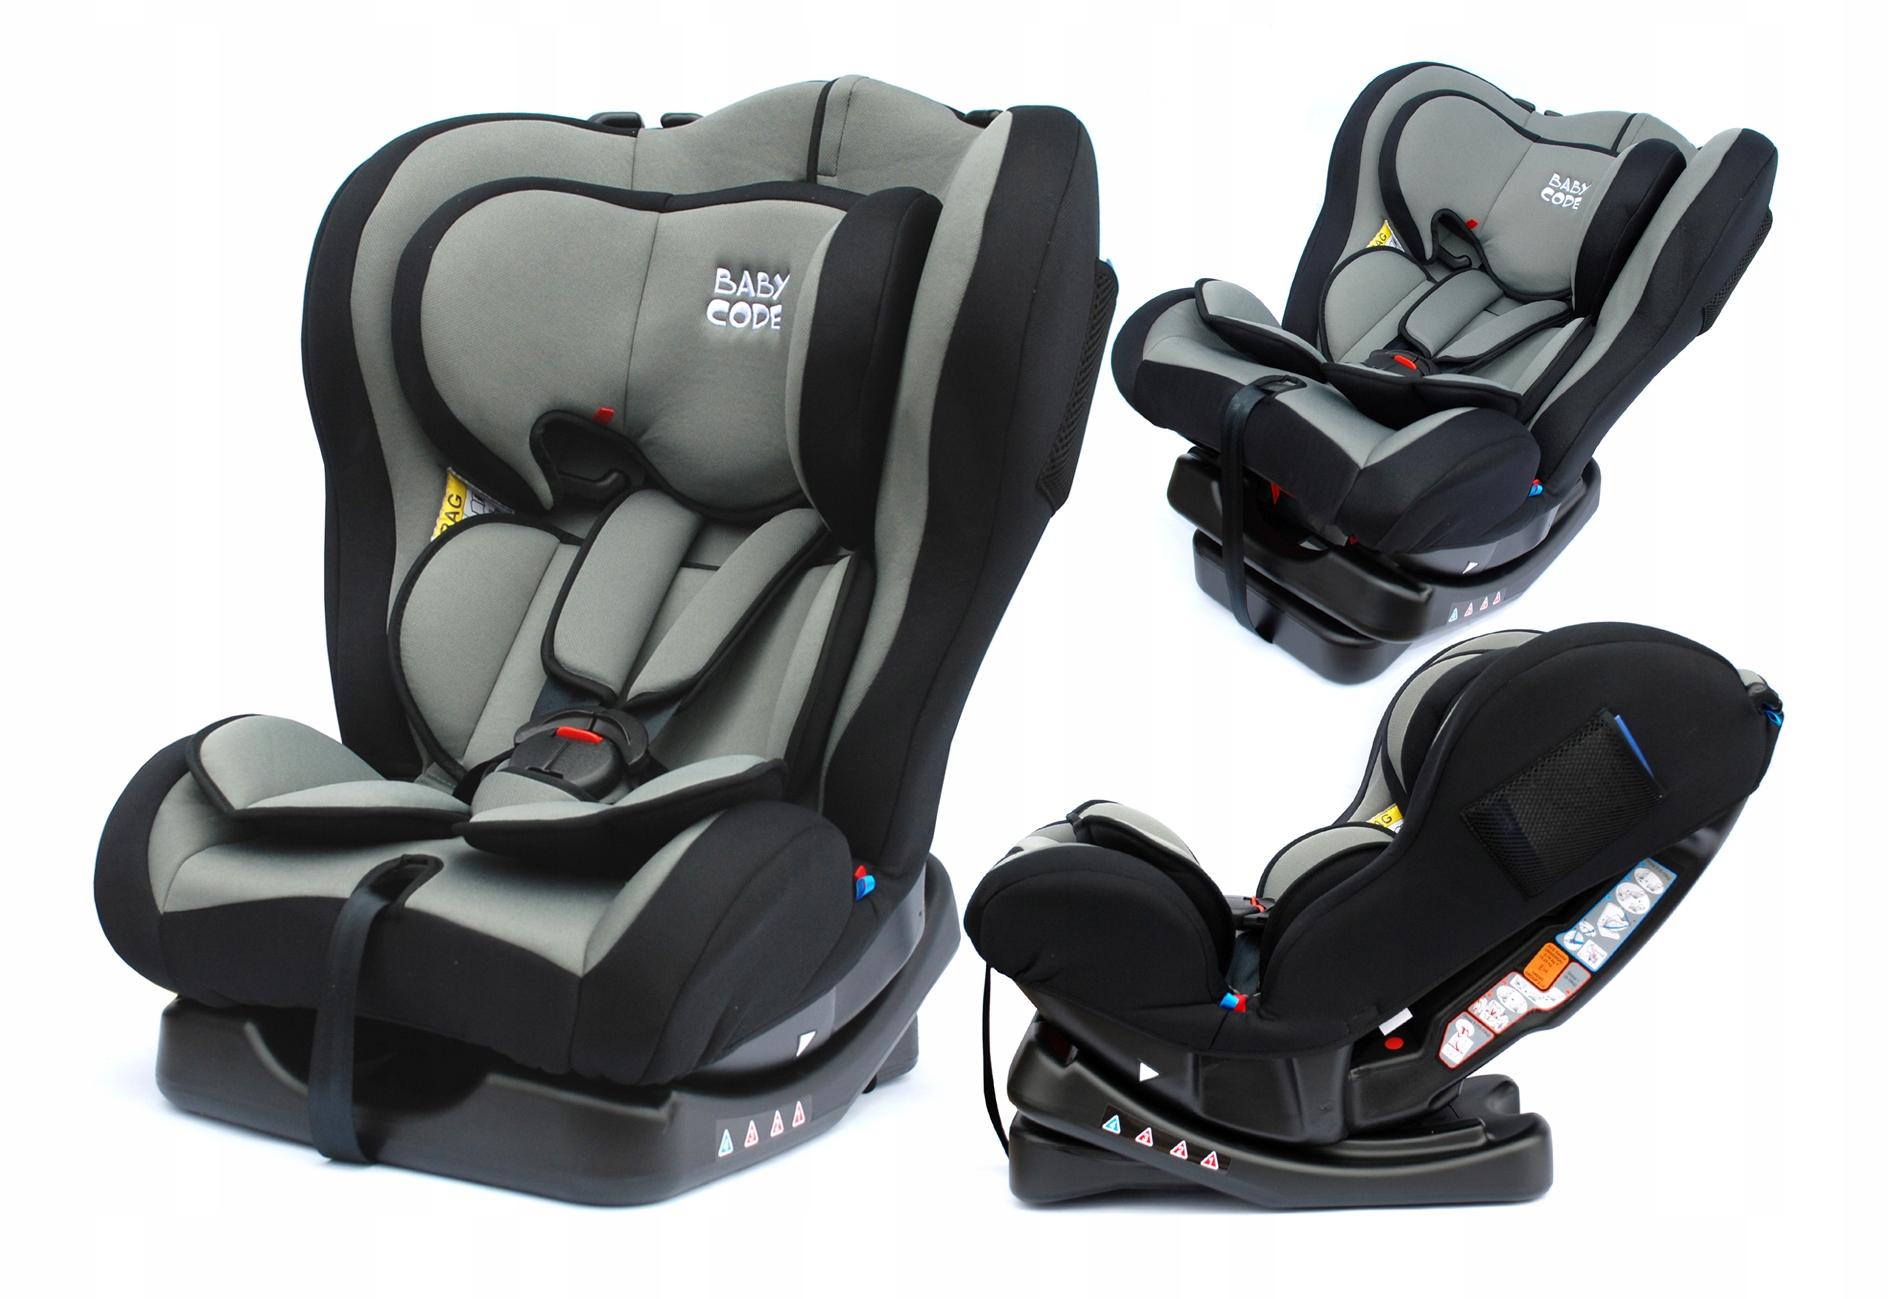 Item PRIME car SEAT 0-25kg D. GREY BABY CODE